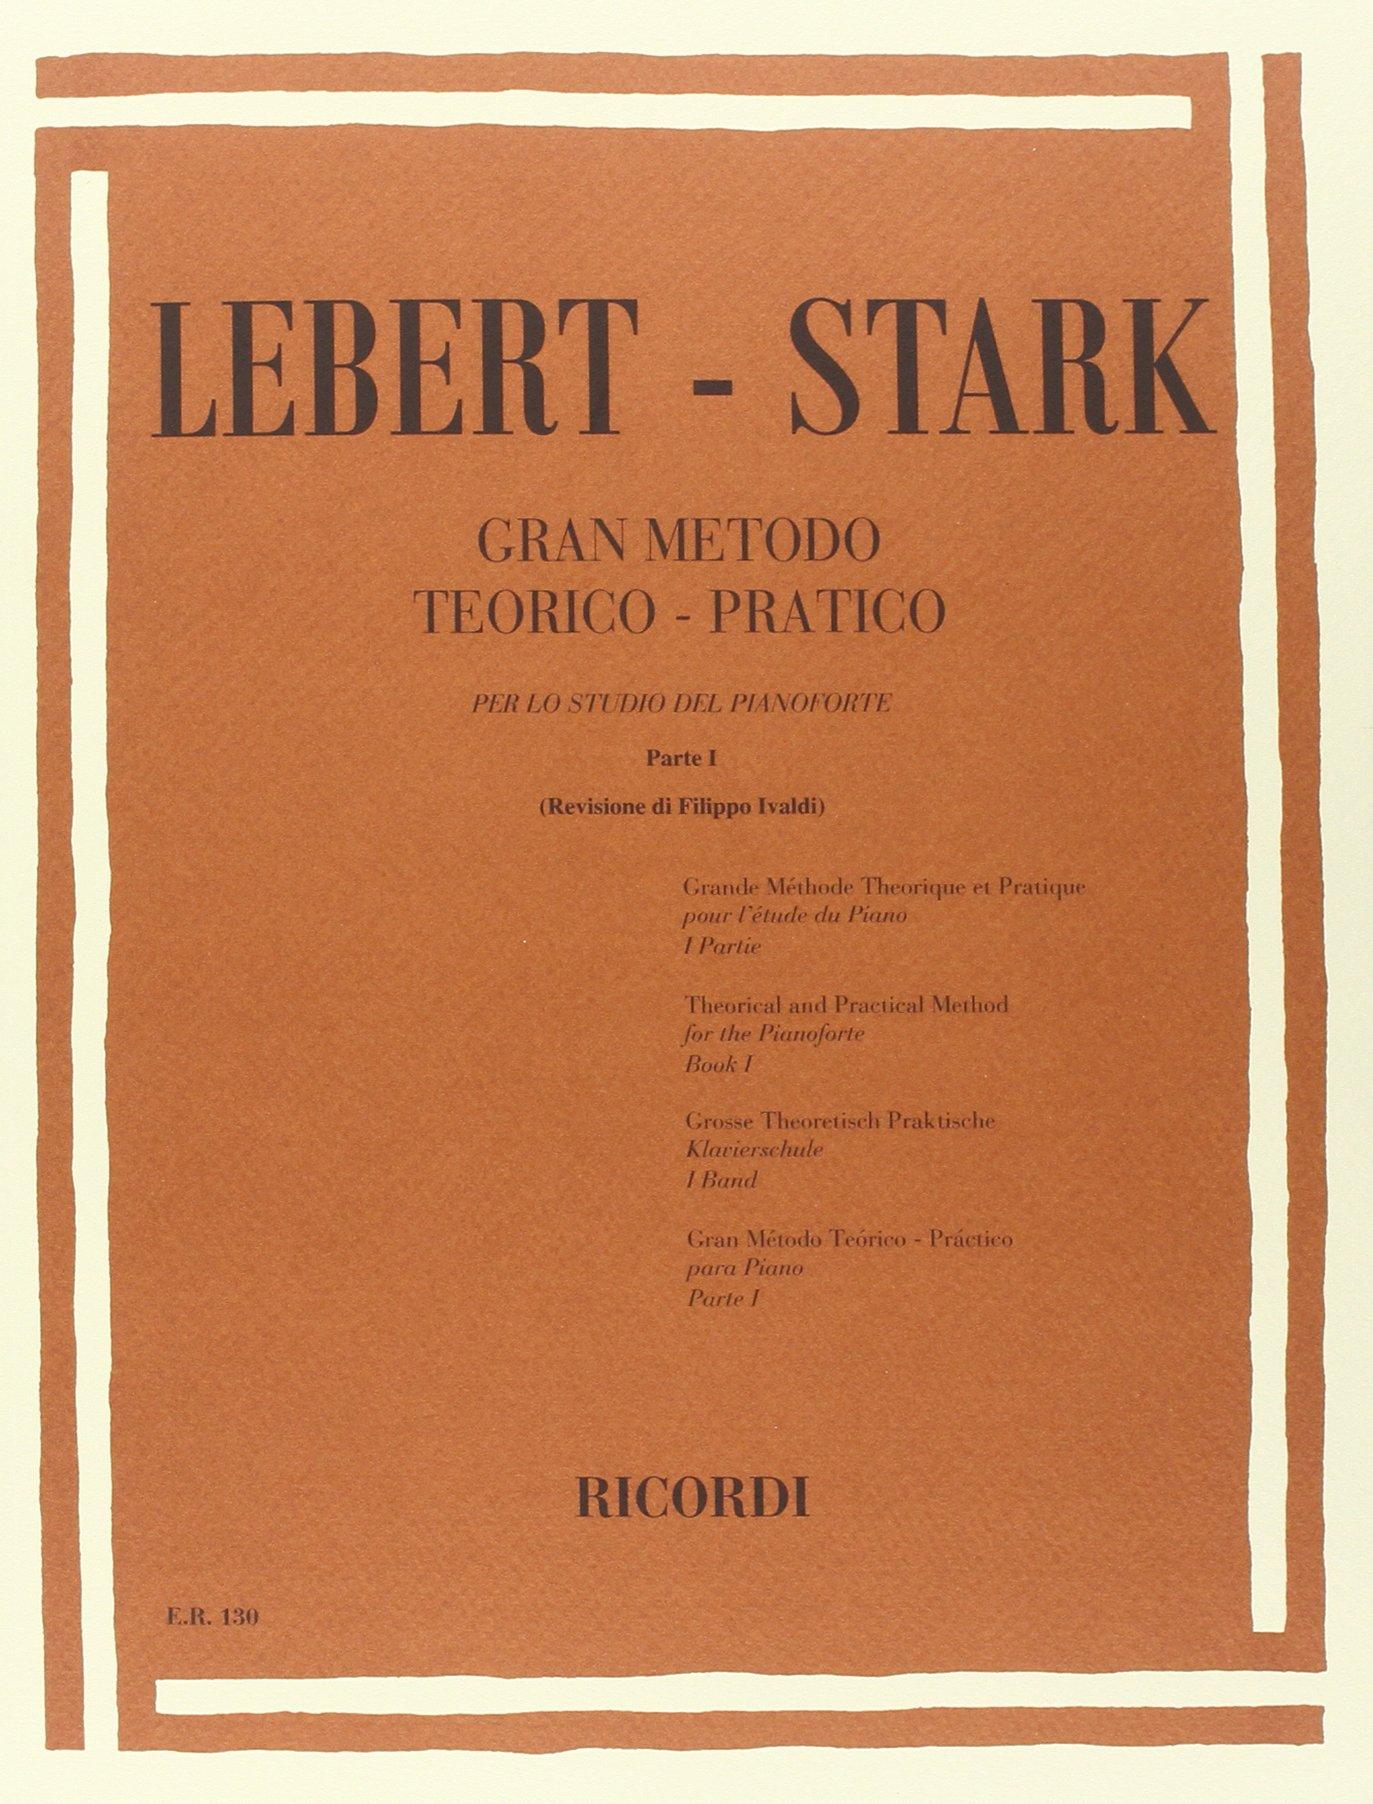 CURCI GRANDE METODO TEORICO PRATICO PARTE I per Pianoforte - LEBERT/STARK